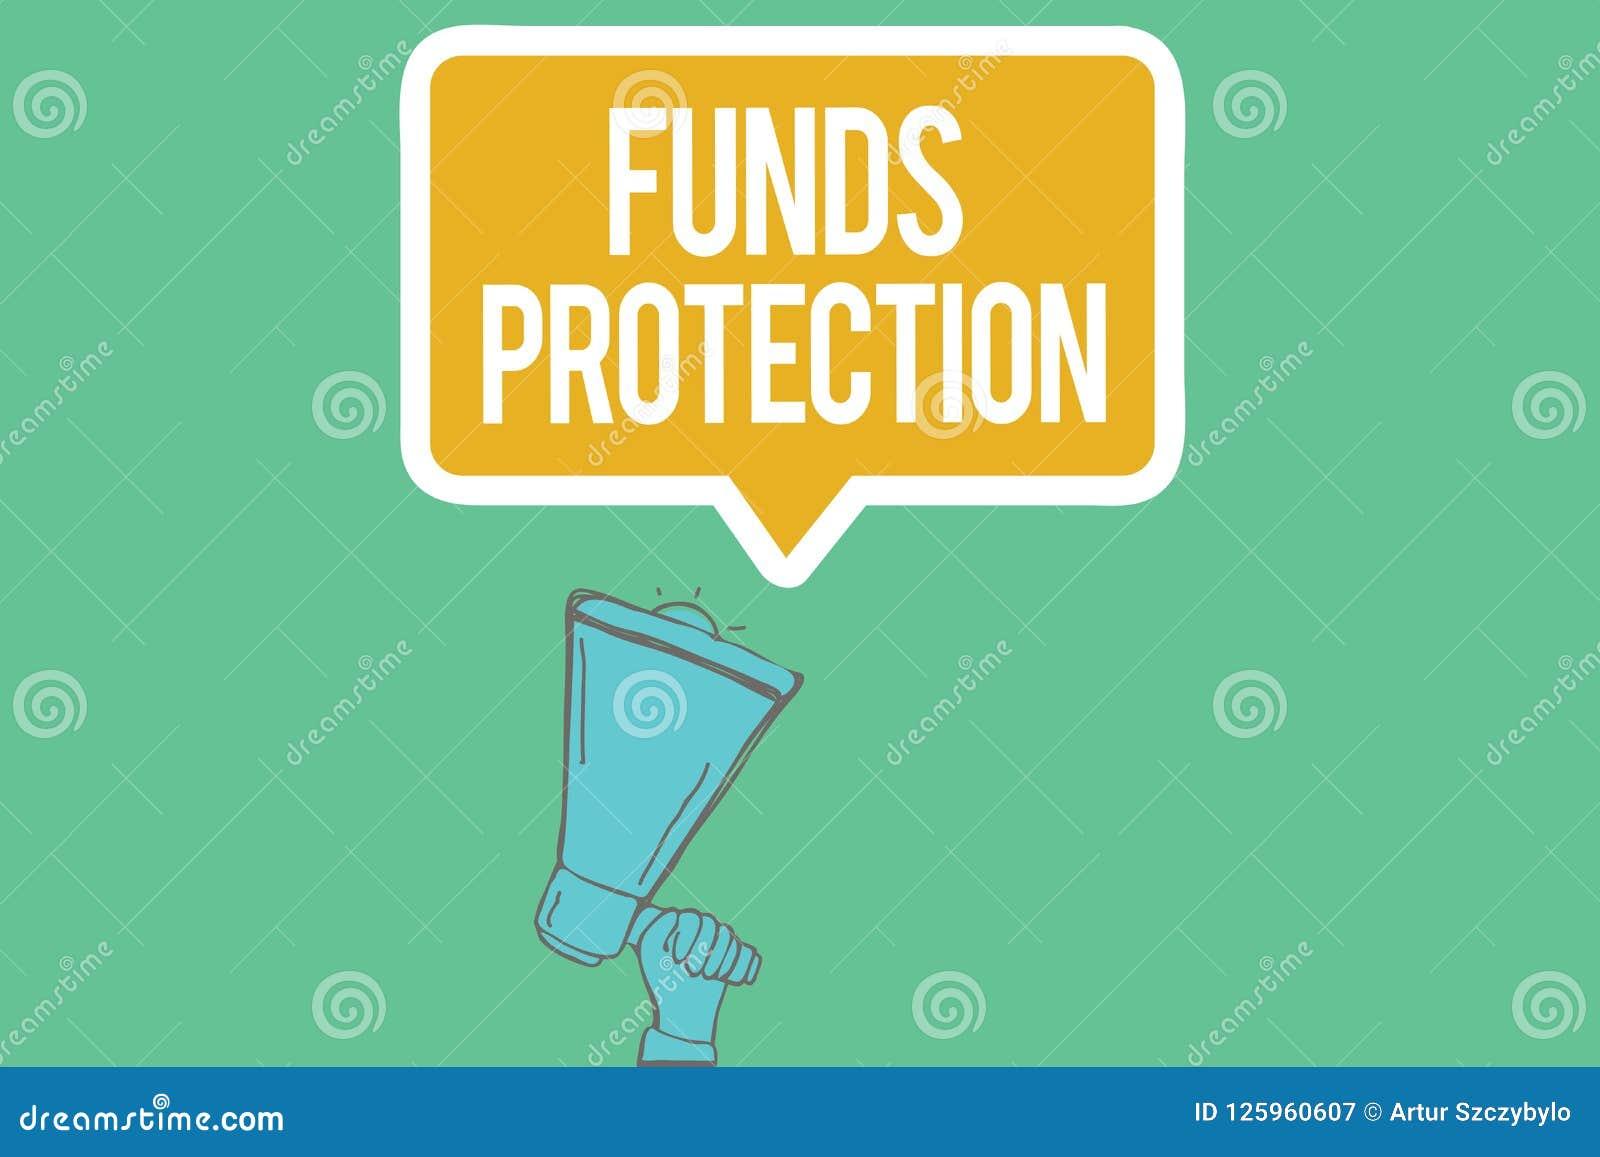 文字笔记陈列资助保护 企业照片陈列的诺言退回部分最初的投资到投资者